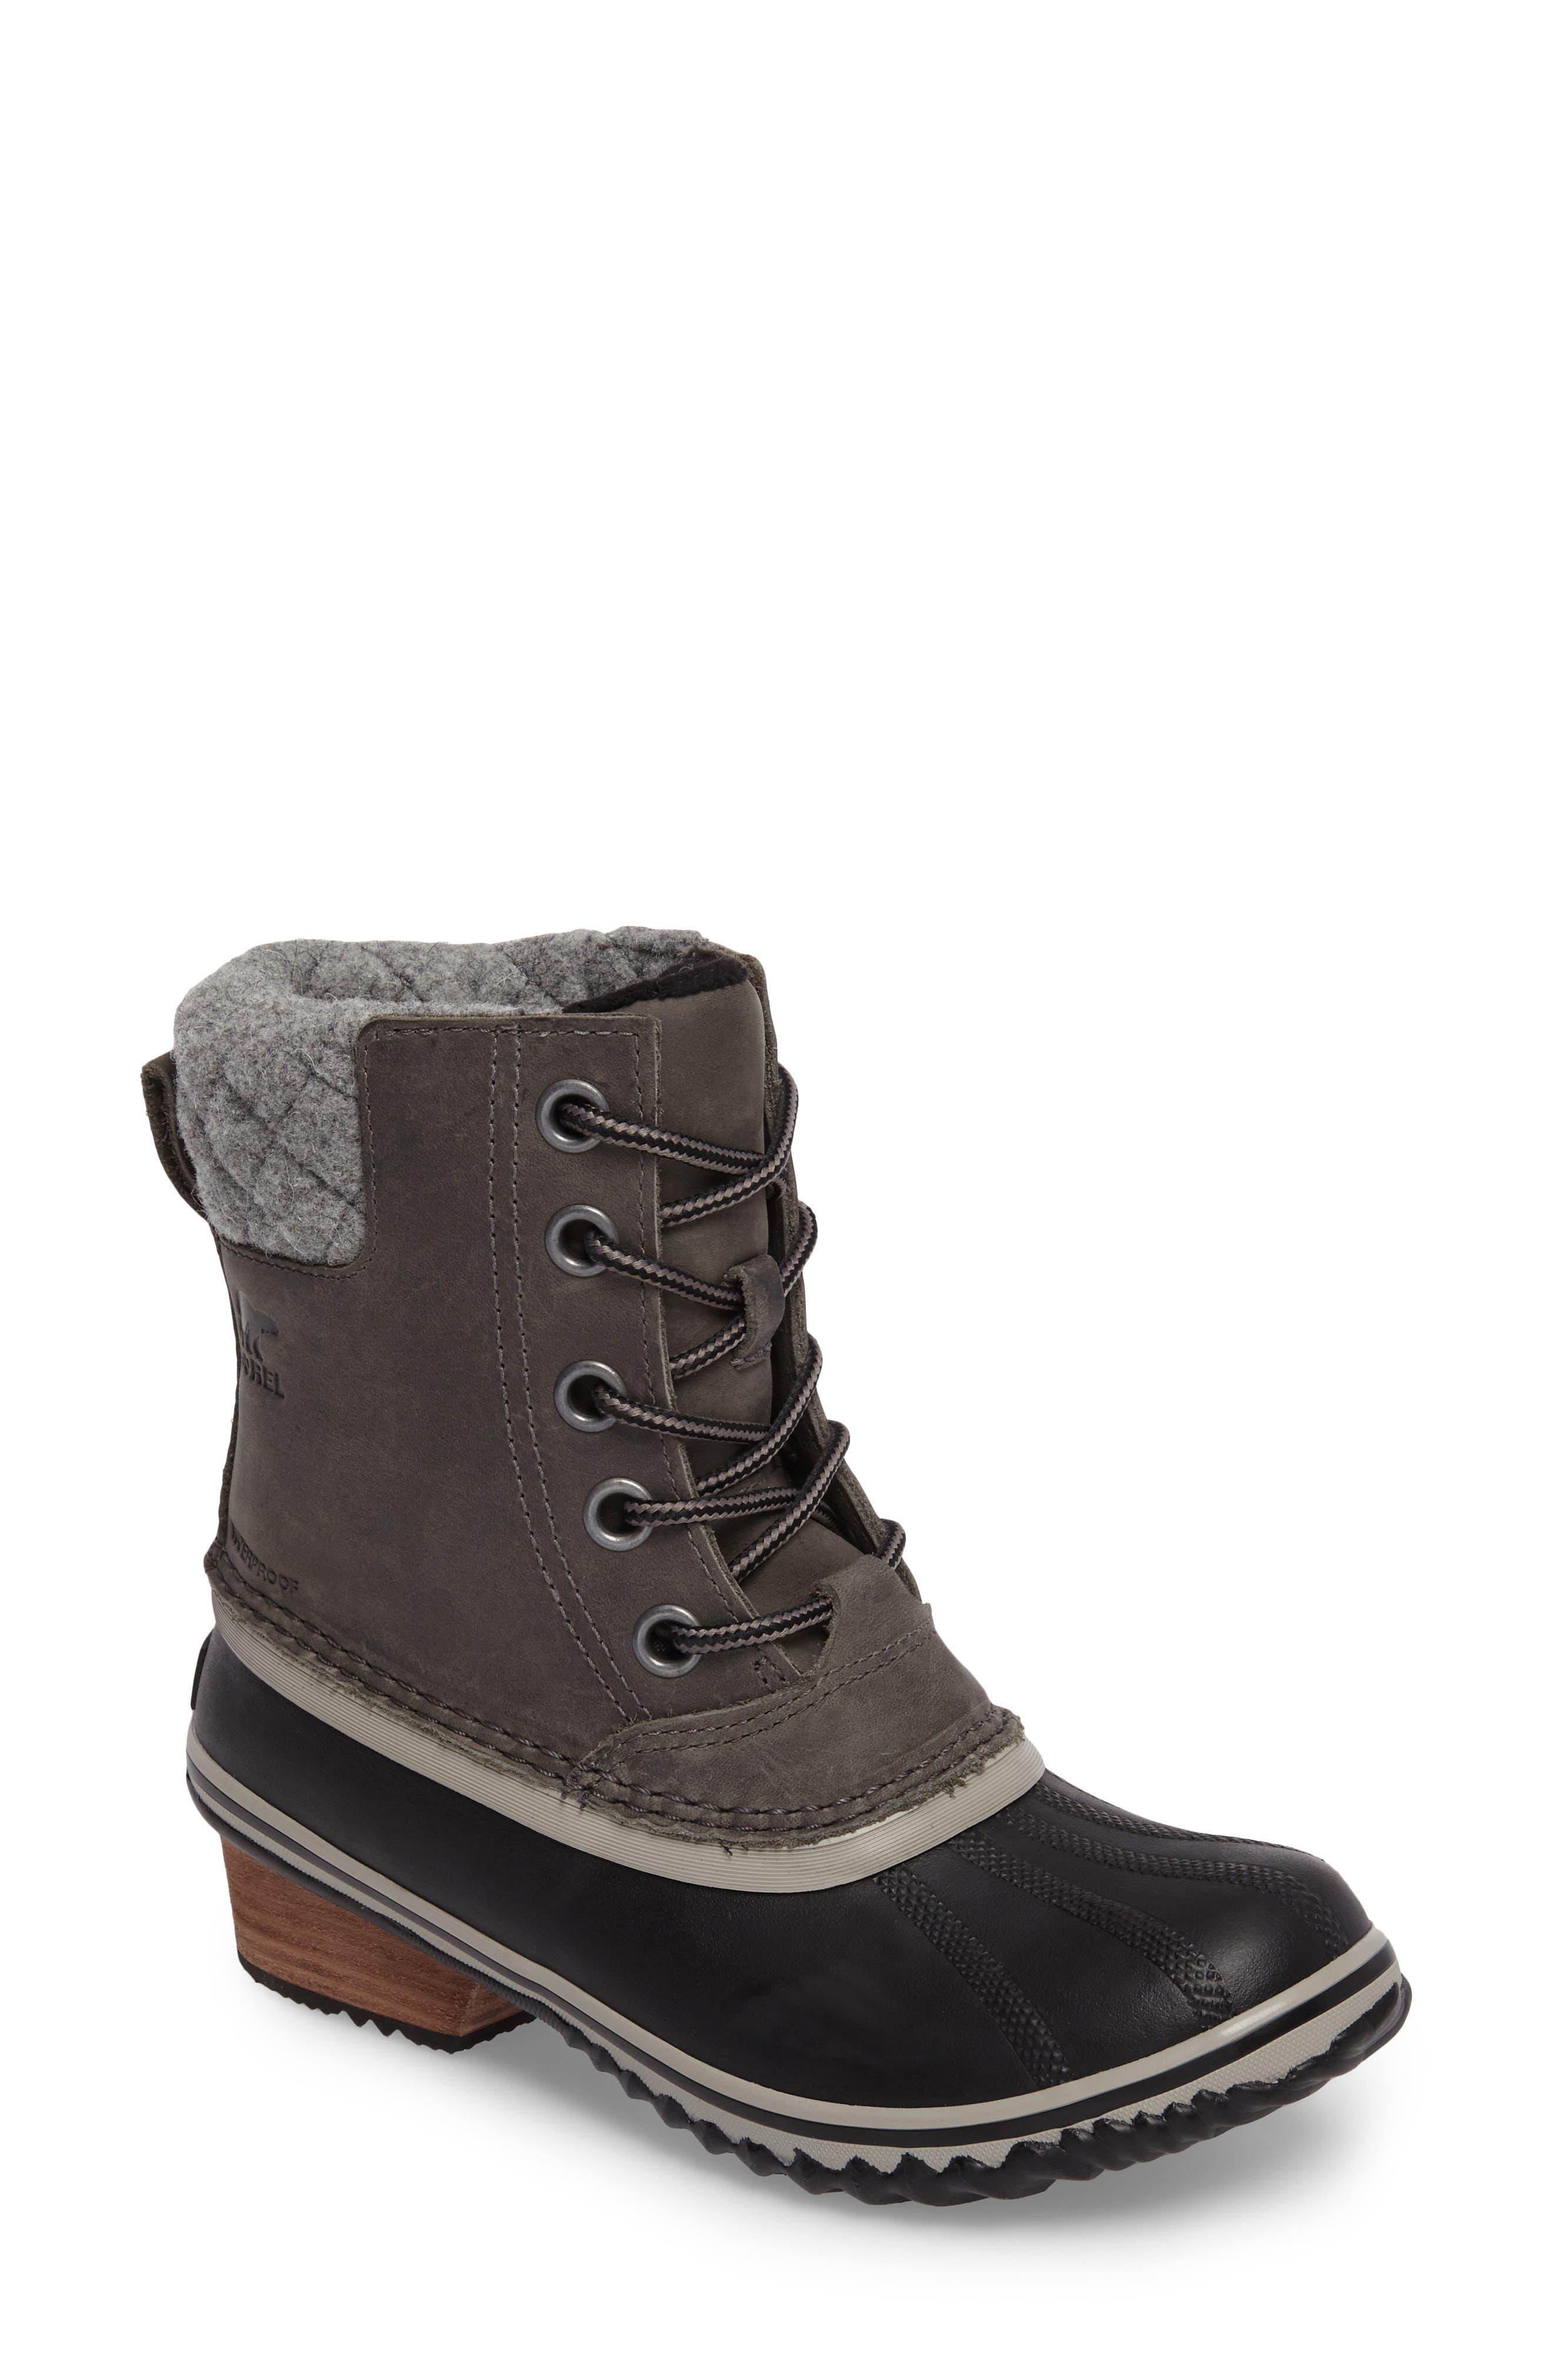 Sorel Slimpack Ii Waterproof Boot, Grey